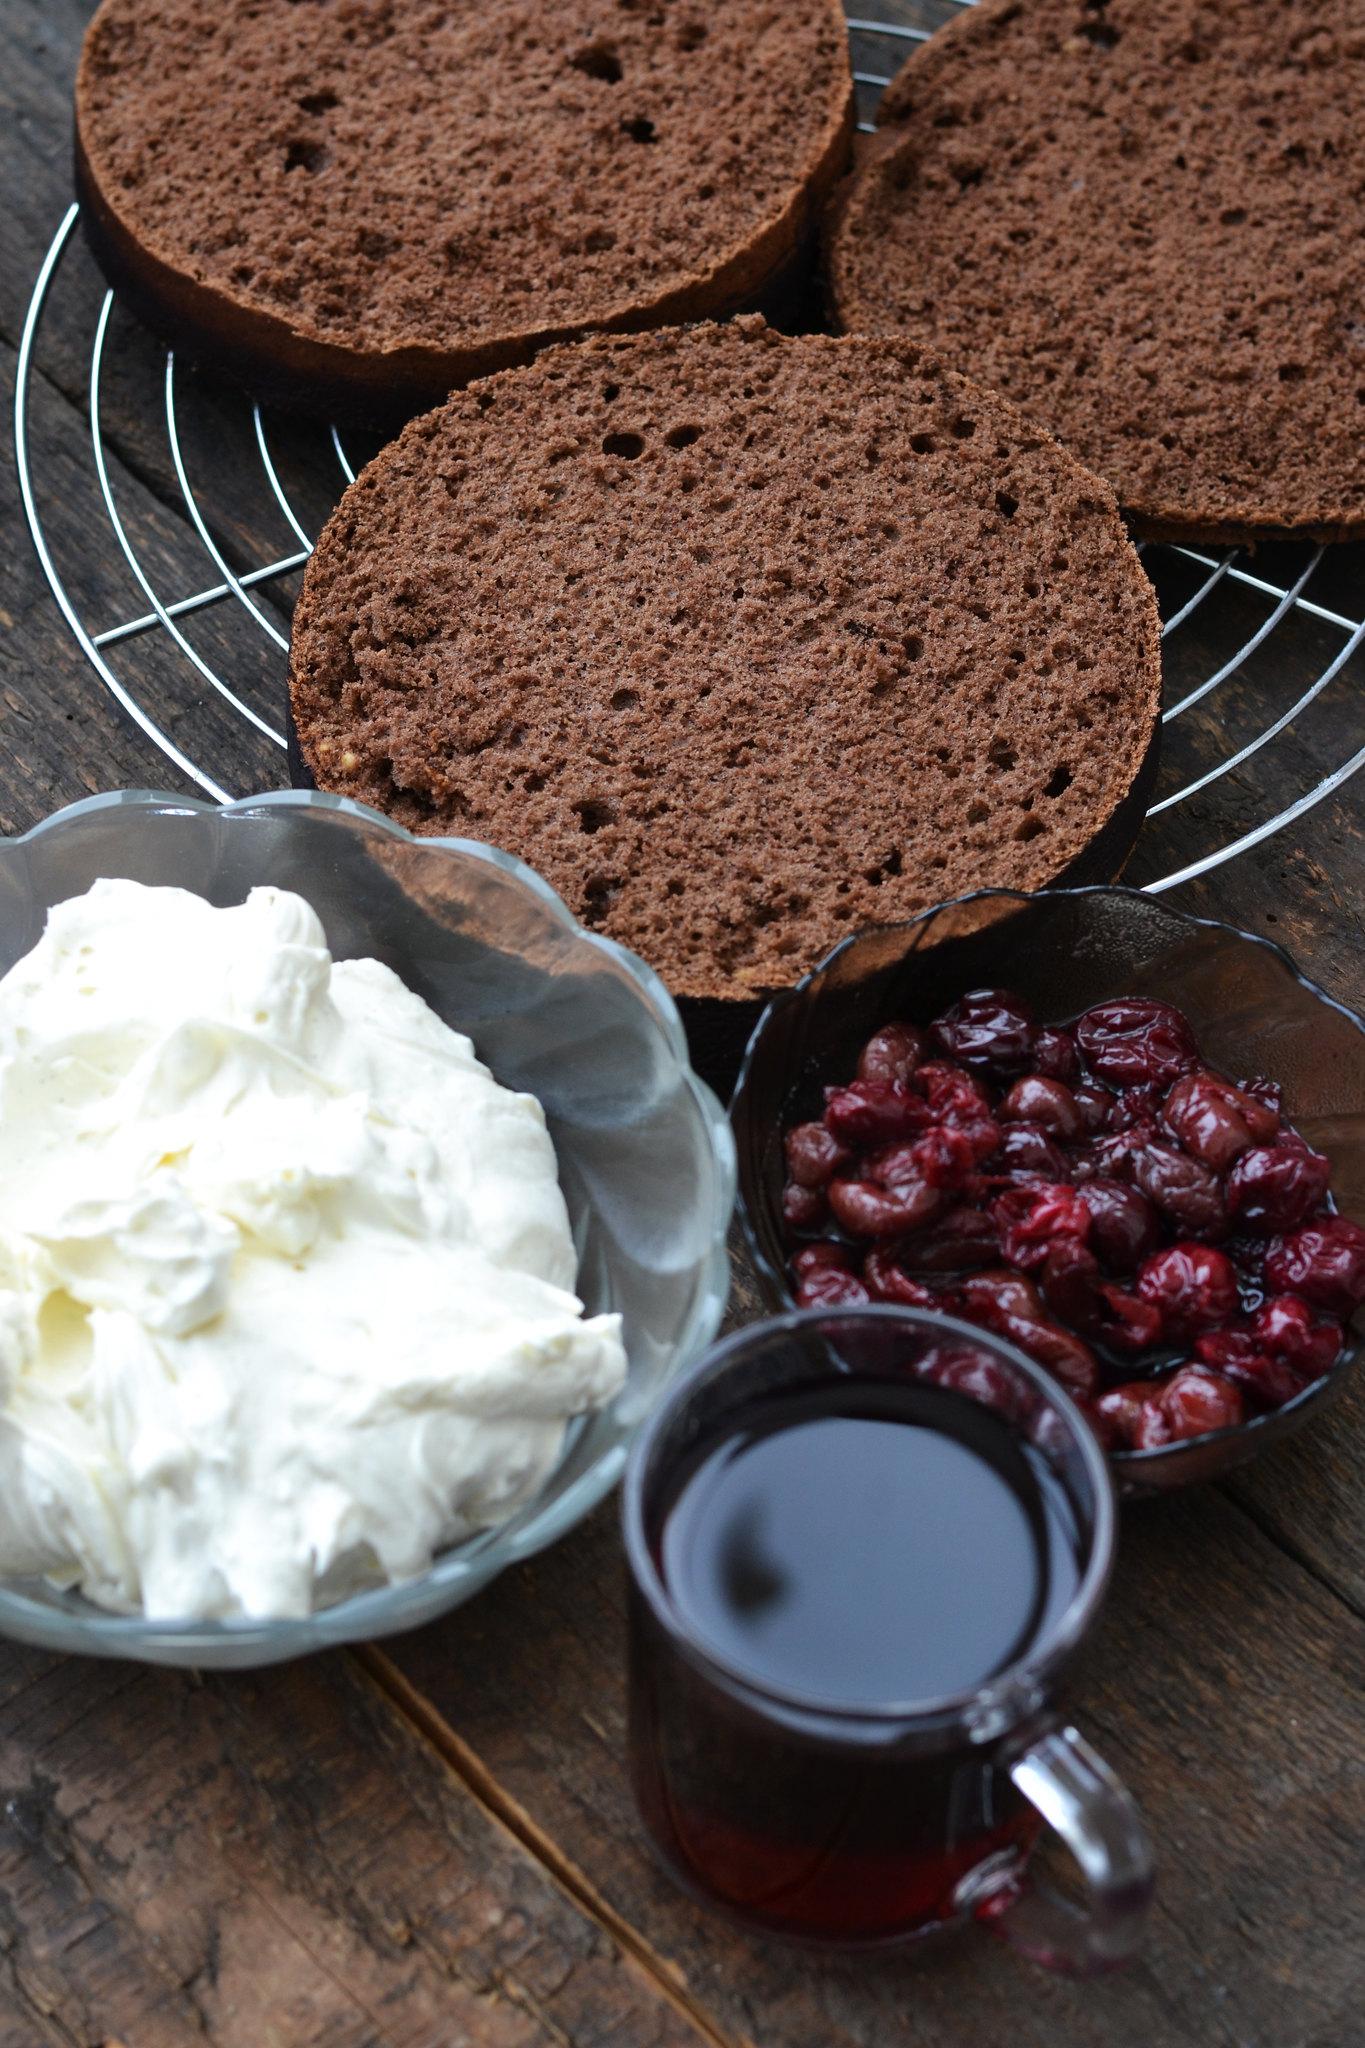 asamblare tort cu bezea caramelizata